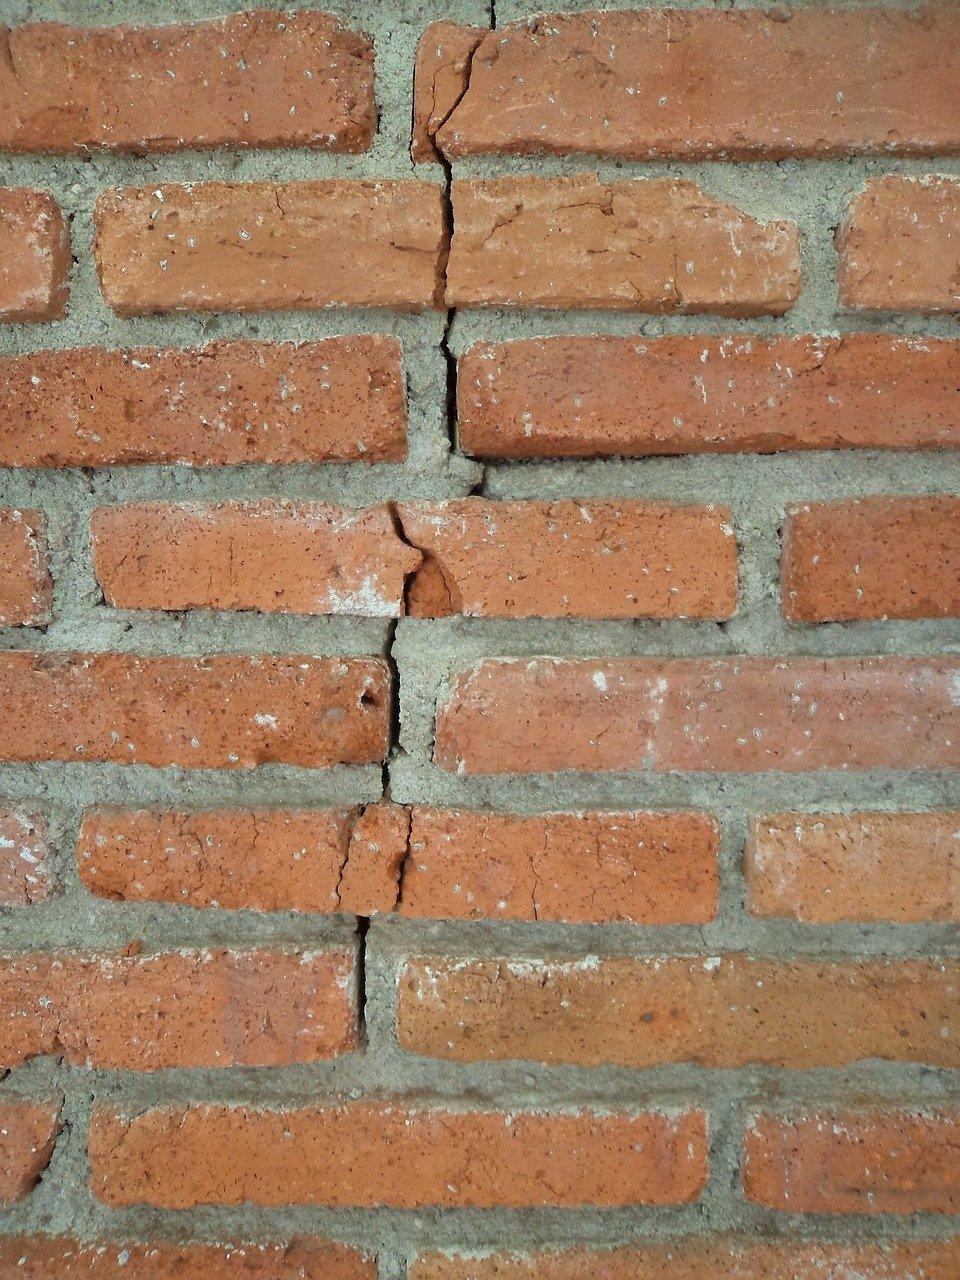 brick, crack, cut